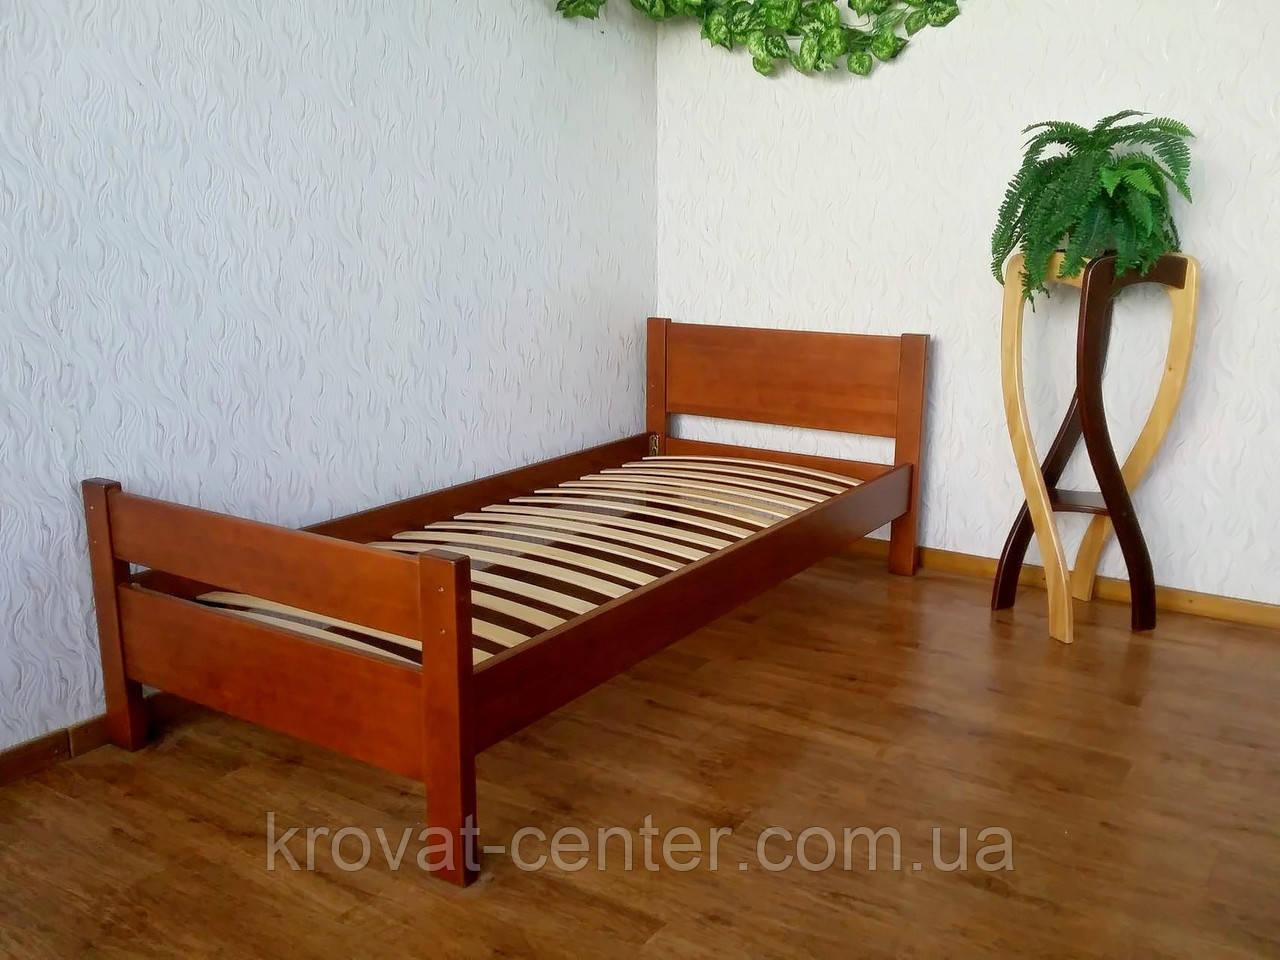 """Односпальная кровать с изножьем """"Эконом"""""""